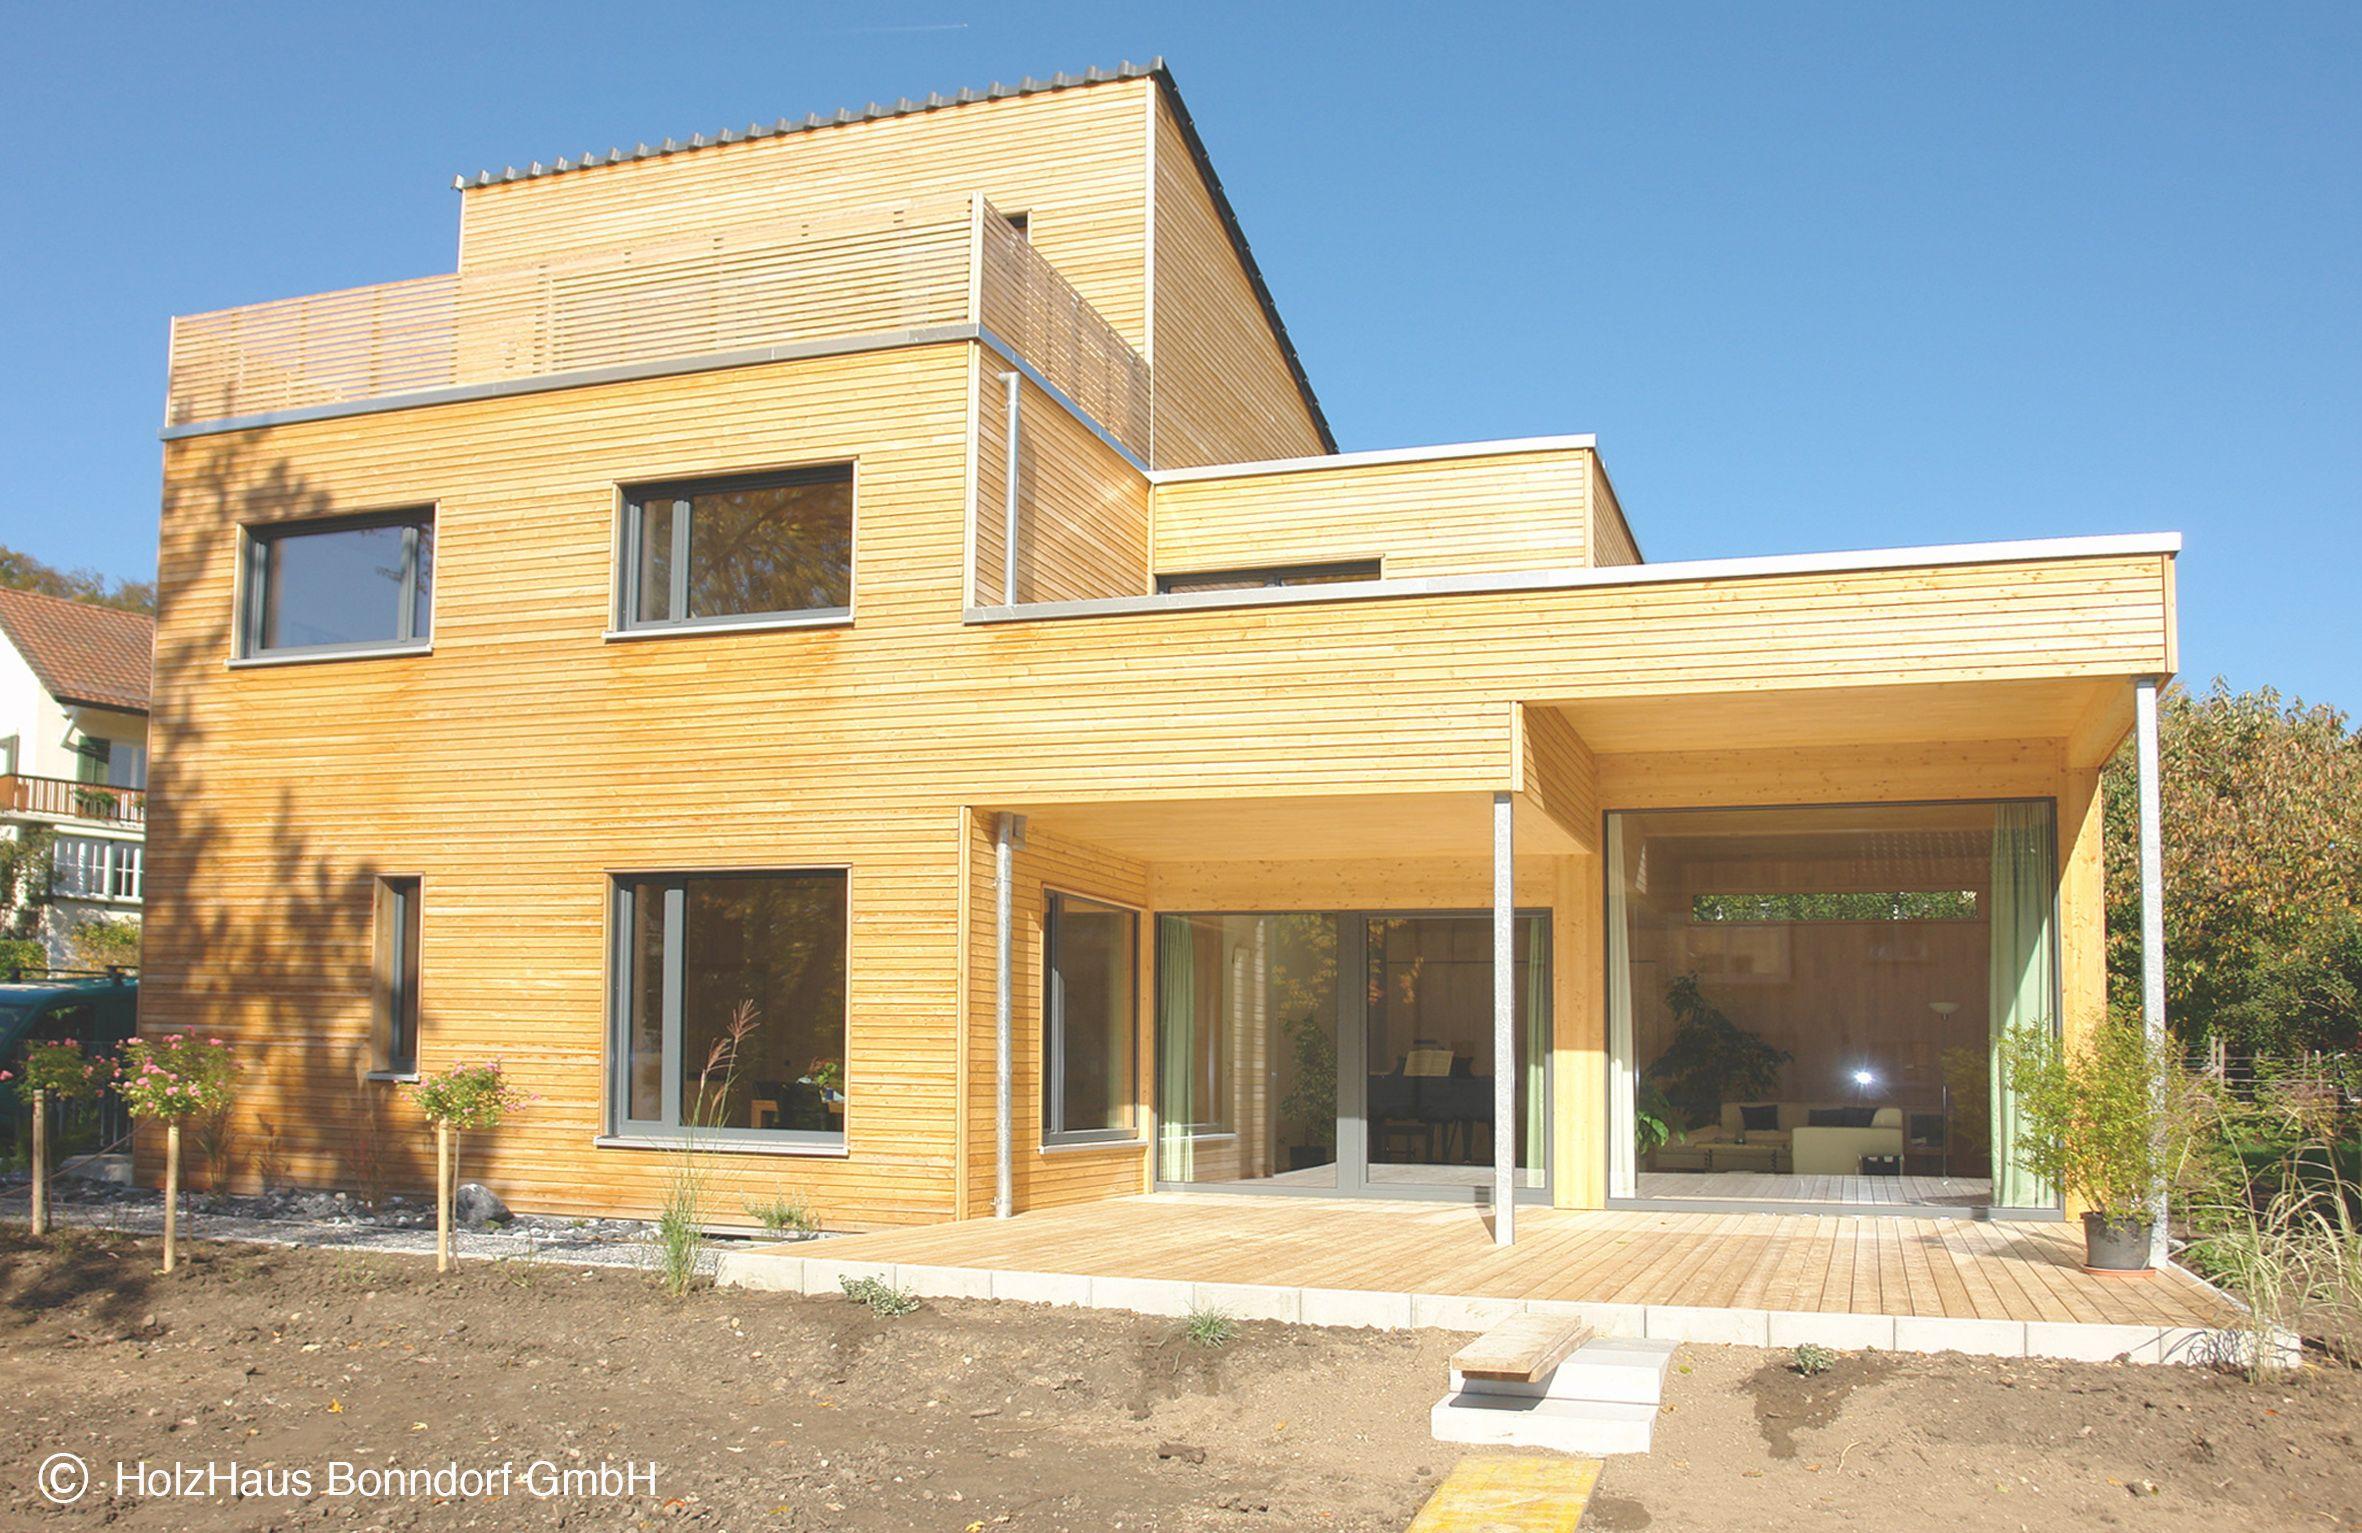 Enfamilienhaus In Rahmenbauweise Mit Garage Fassade Rhombusschalung Geschlossen In Larche Unbehandelt Balkne Holzbalkon In Haus Holzhaus Rhombusschalung